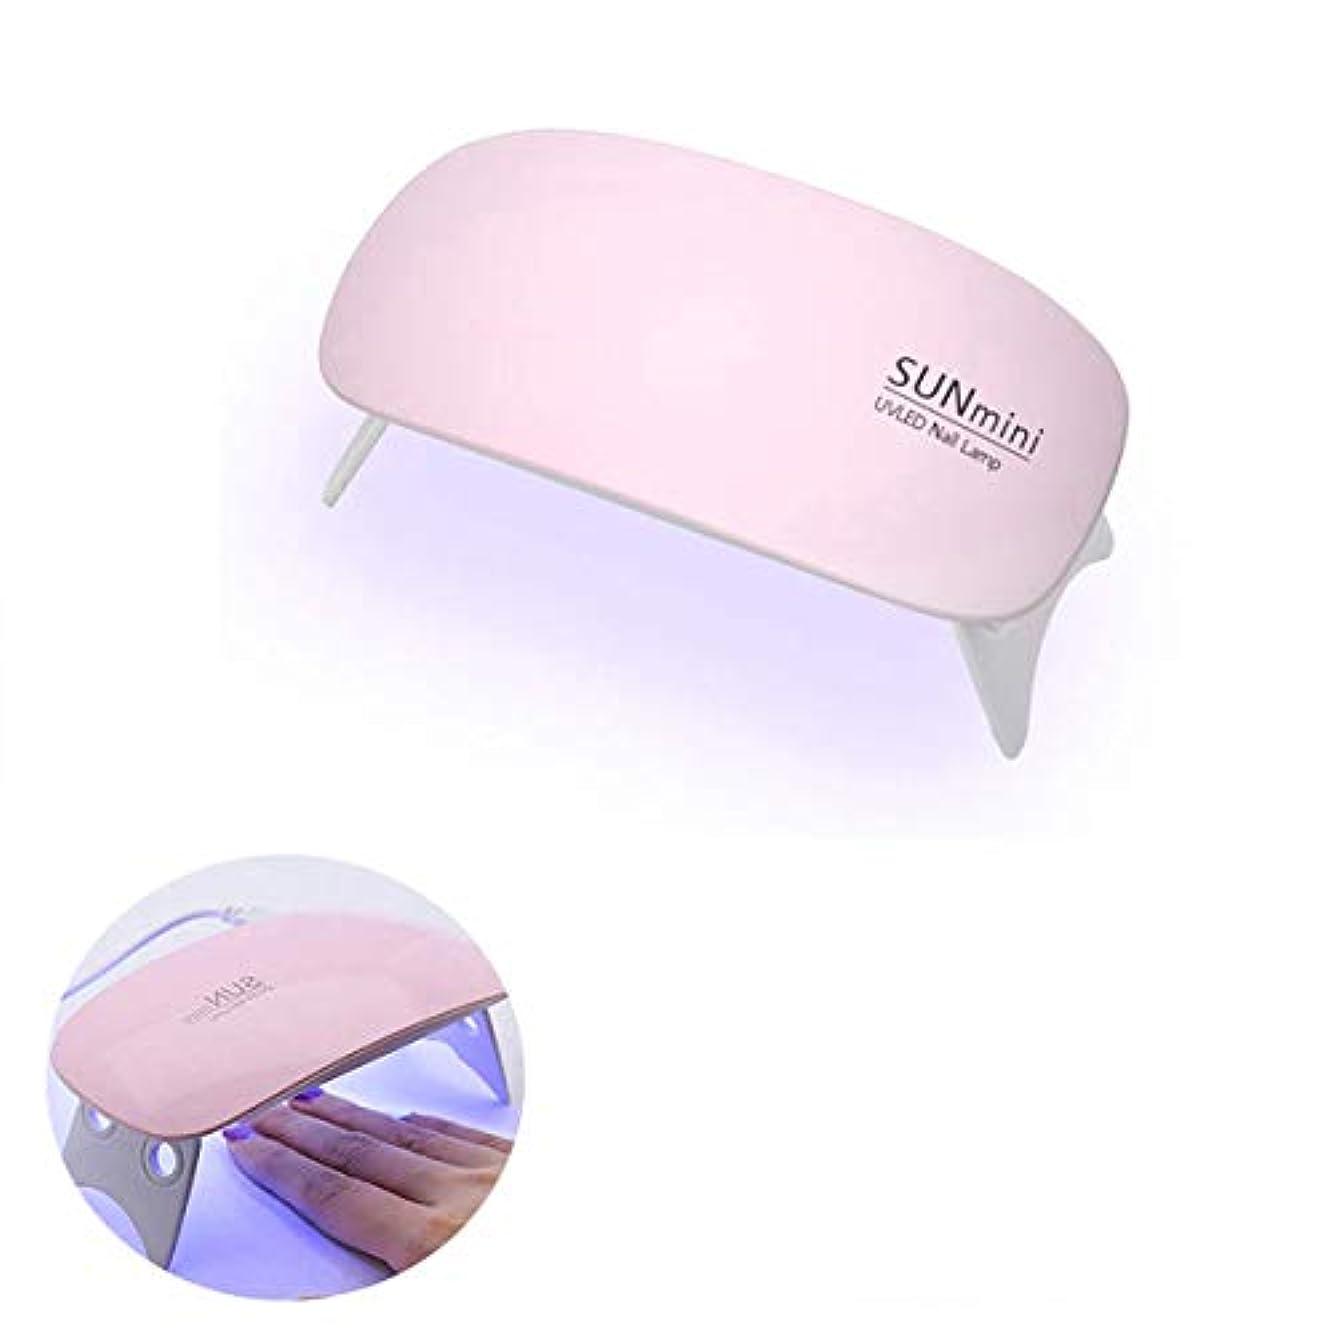 ふざけた文法符号LEDネイルドライヤー 凝胶美甲灯 UVライト 折りたたみ式 設定可能 タイマー LED 硬化ライト 樹脂の道具 ピンク